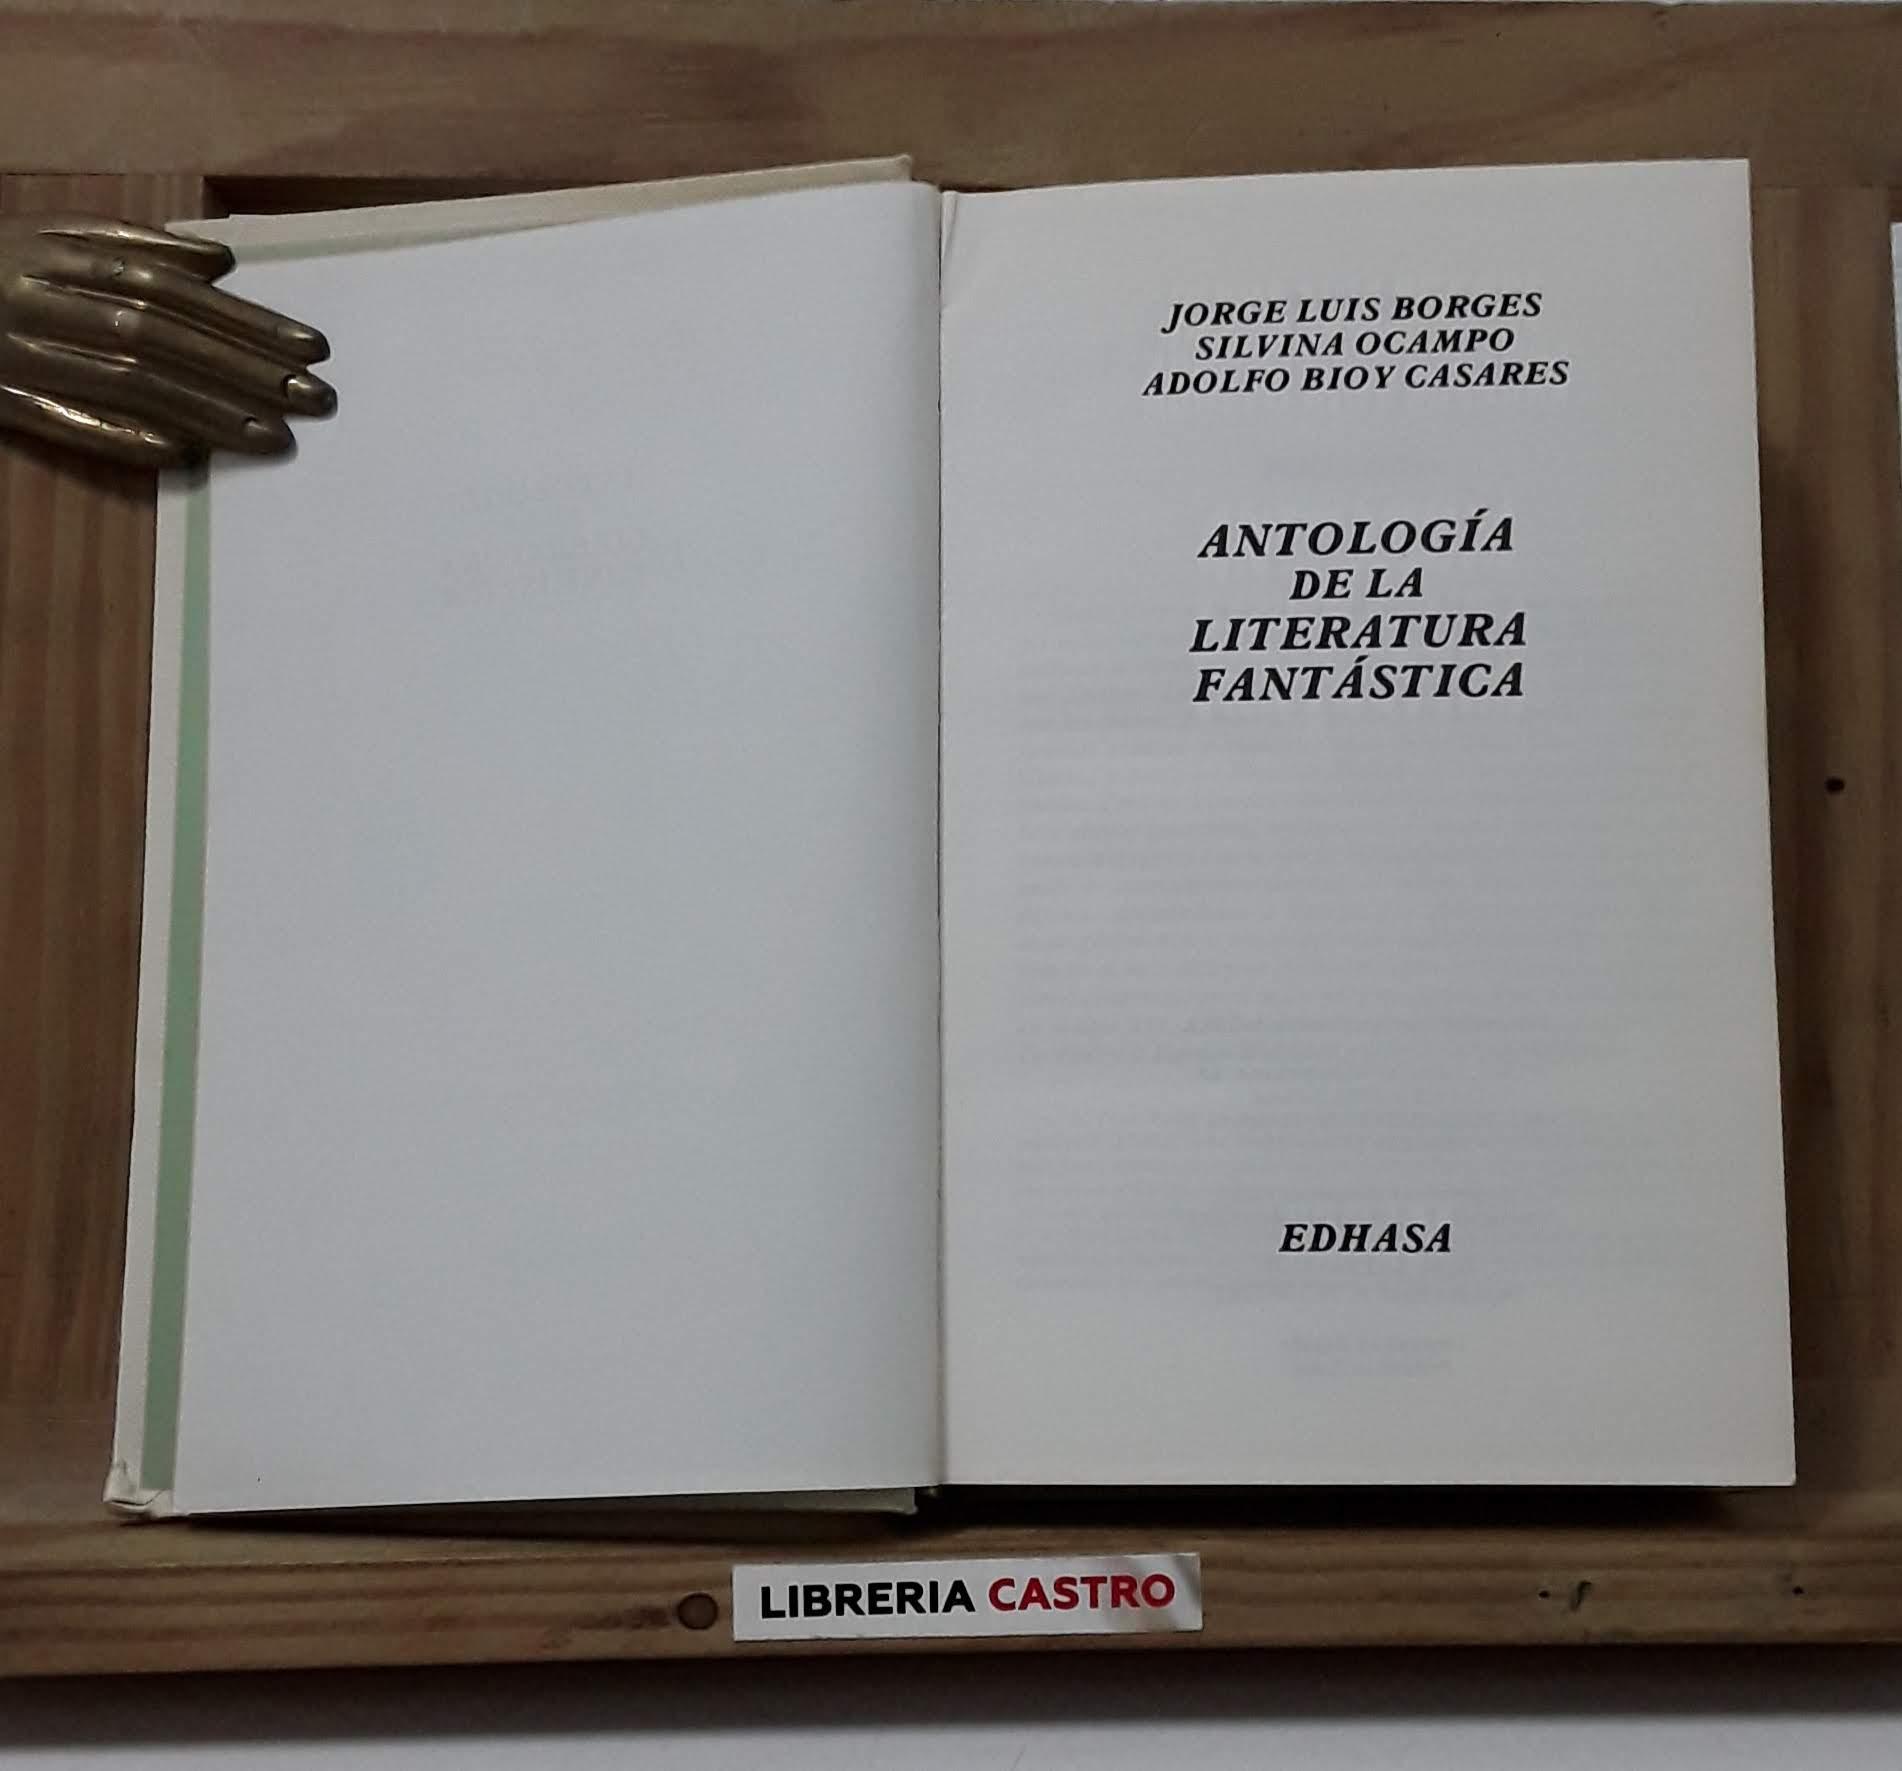 Antología De La Literatura Fantástica By Jorge Luis Borges Silvina Ocampo Adolfo Bioy Casare Librería Castro